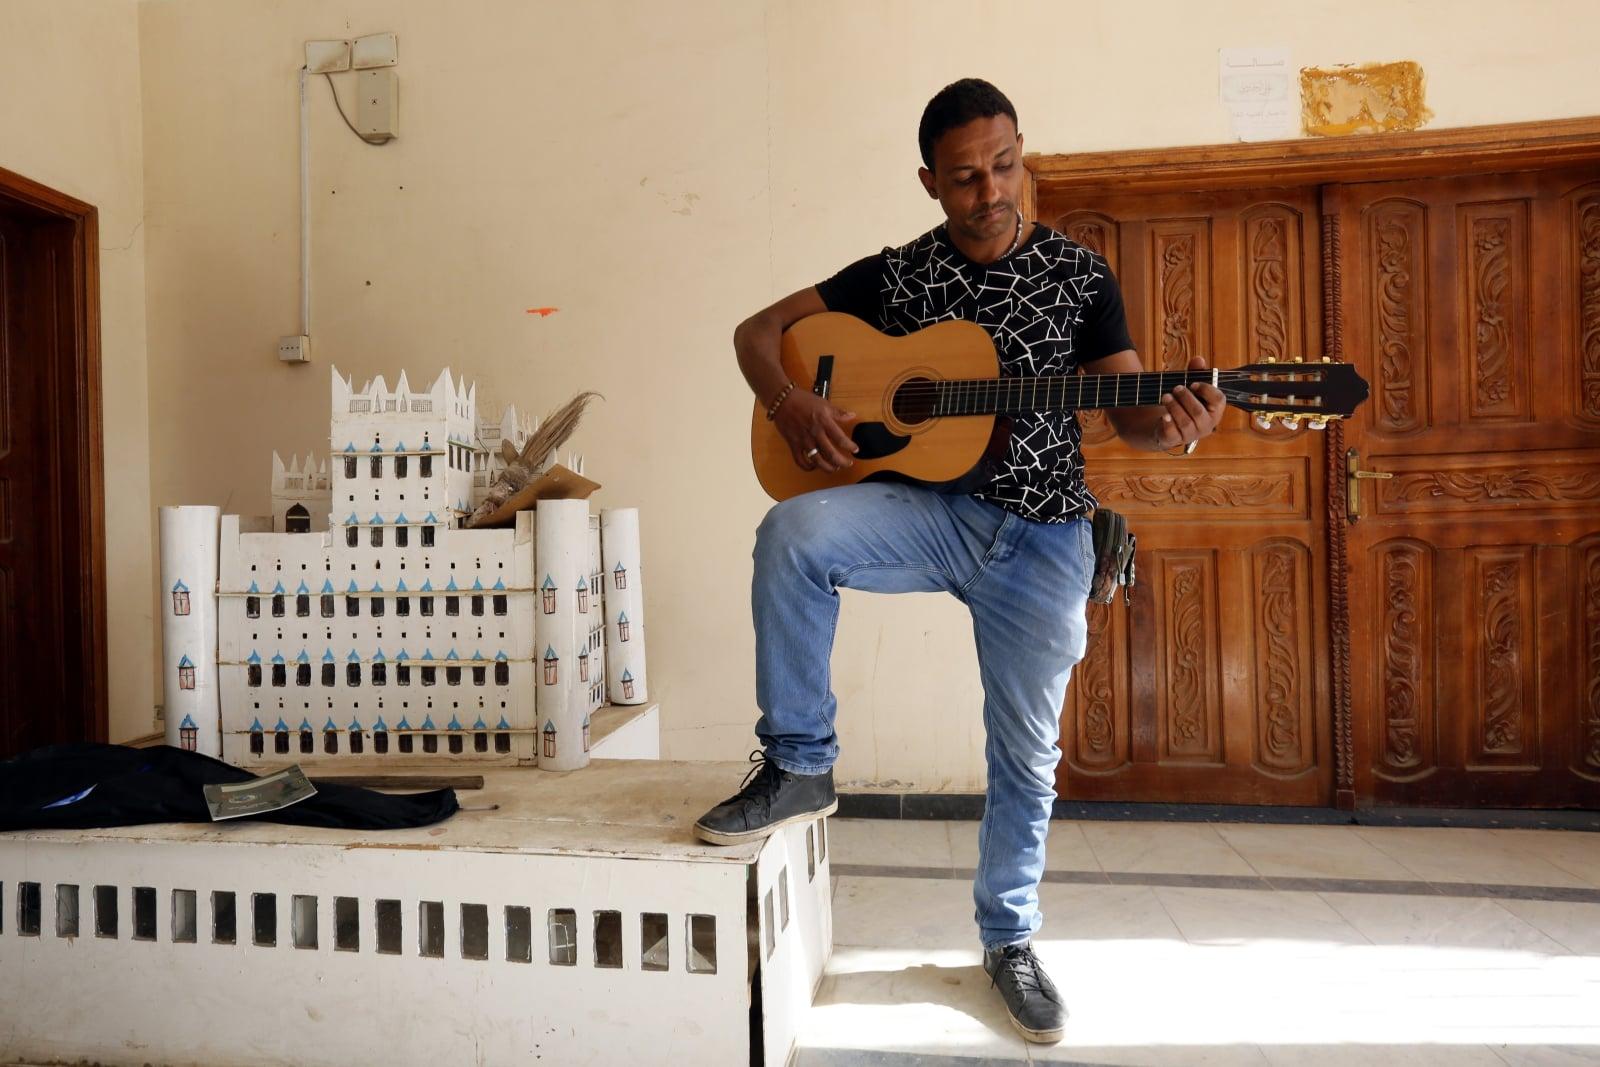 Jemeński student podczas bezpłatnej lekcji muzyki w centrum kultury w Sanie, Jemen, fot. EPA/YAHYA ARHAB